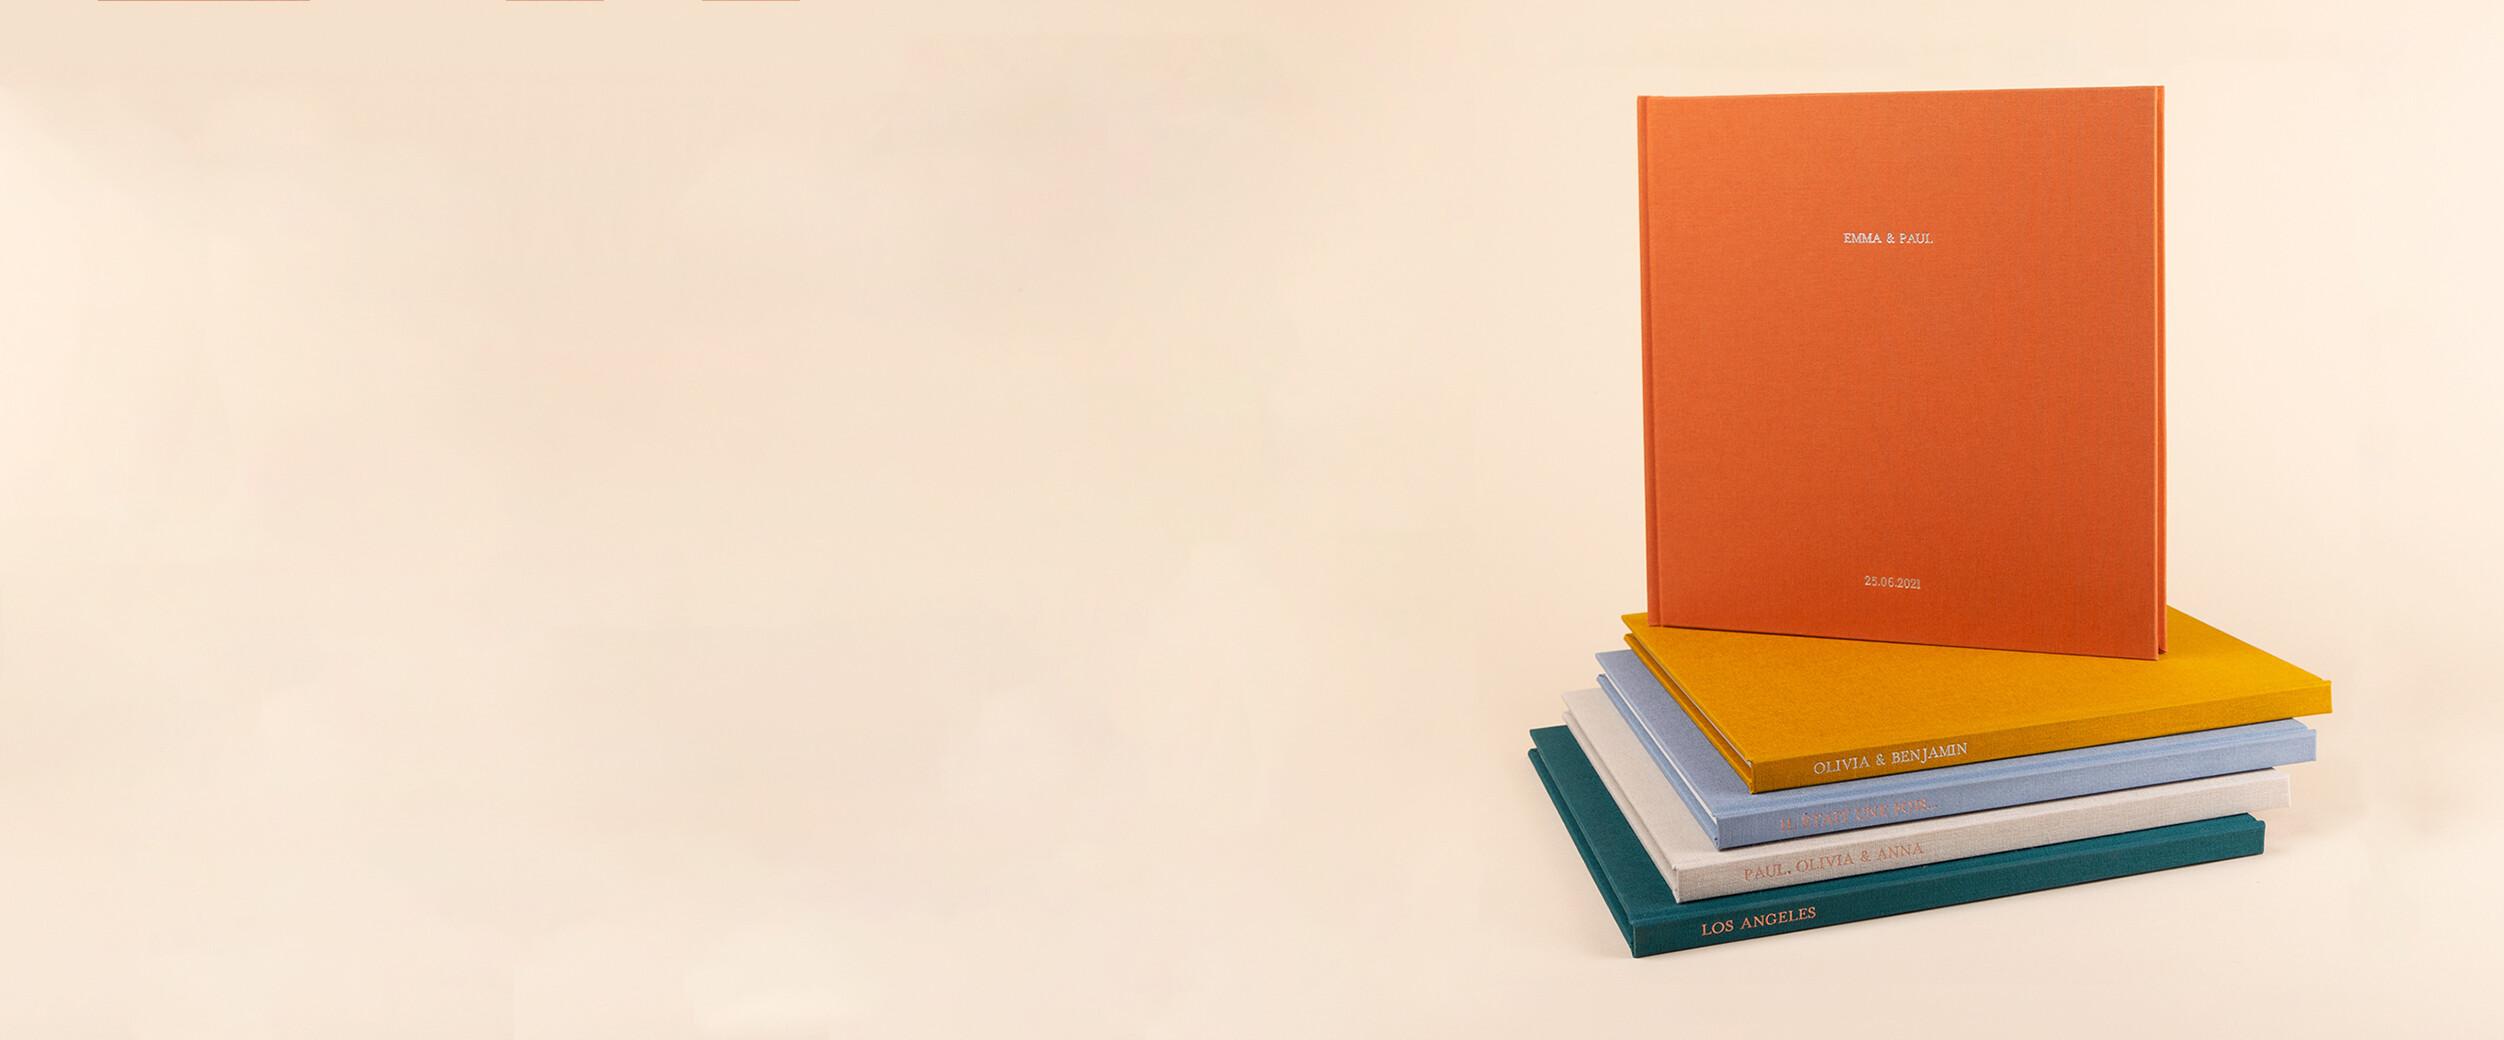 Idée cadeau album photo couverture tissu